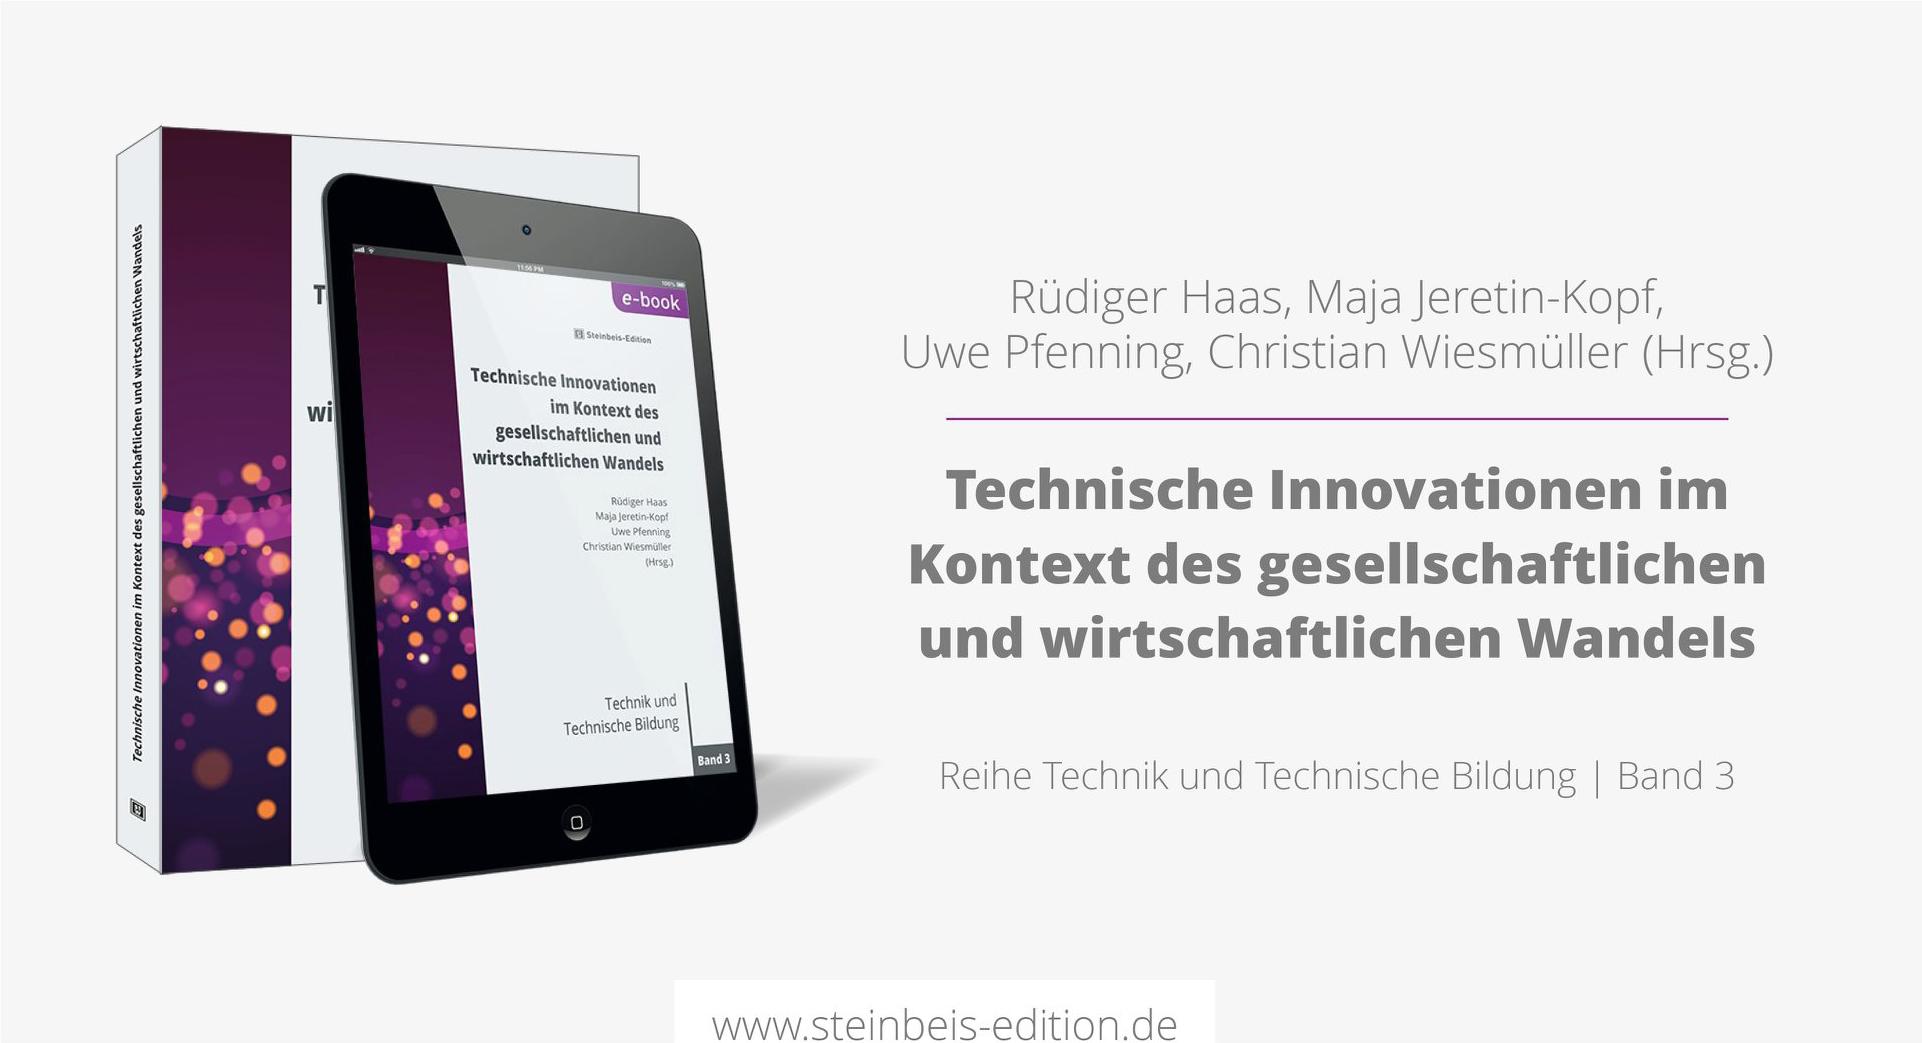 Technische Innovationen im Kontext des gesellschaftlichen und wirtschaftlichen Wandels